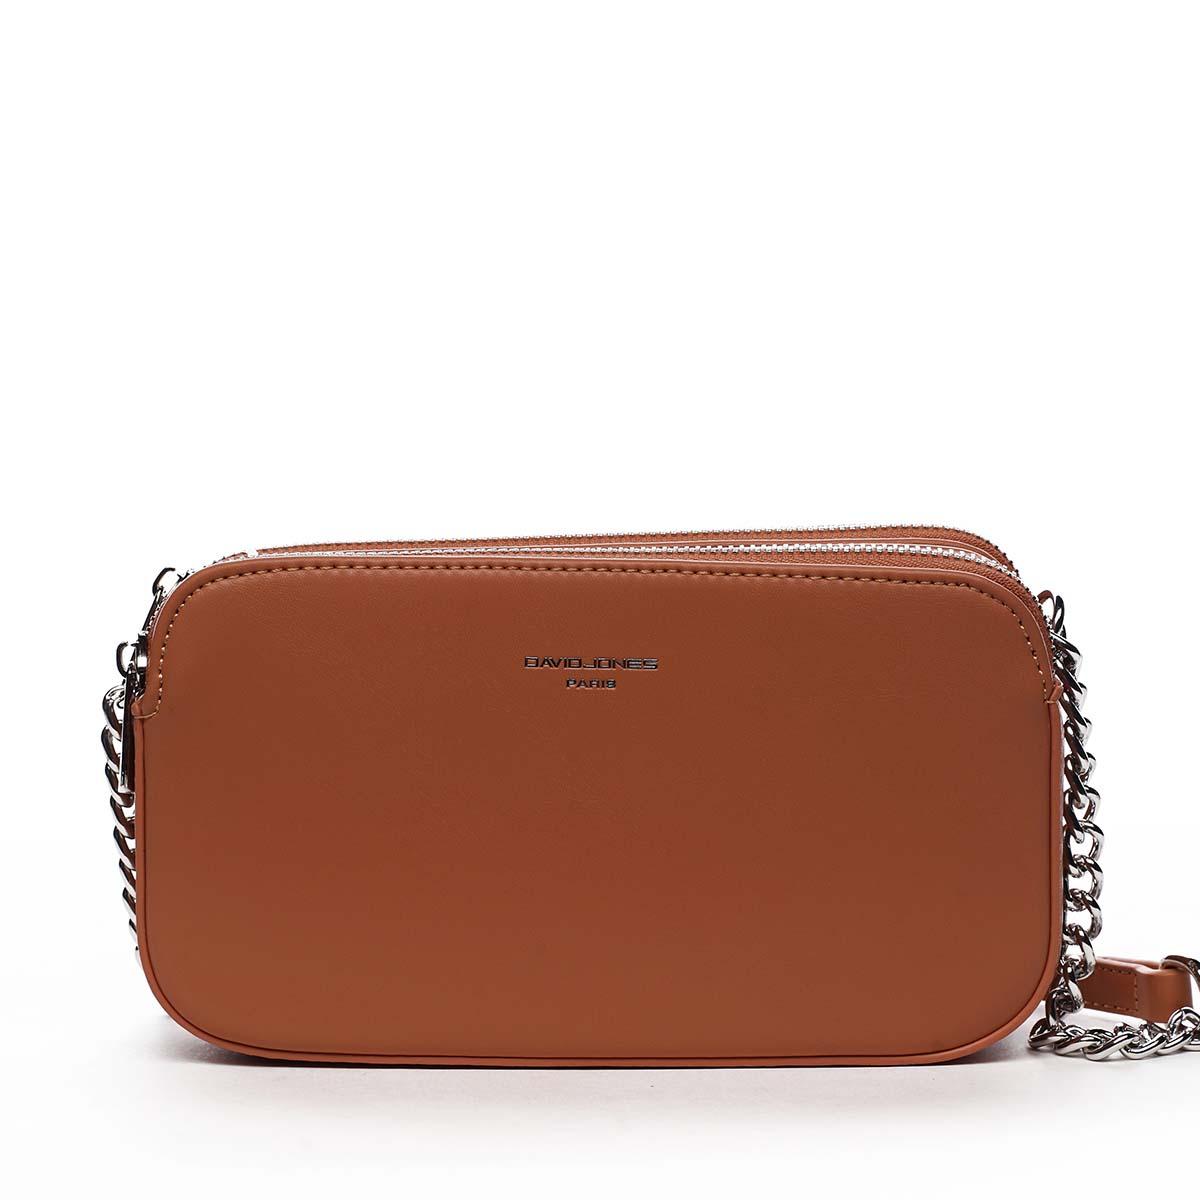 Malá dámska crossbody kabelka oranžová - David Jones Lily oranžová